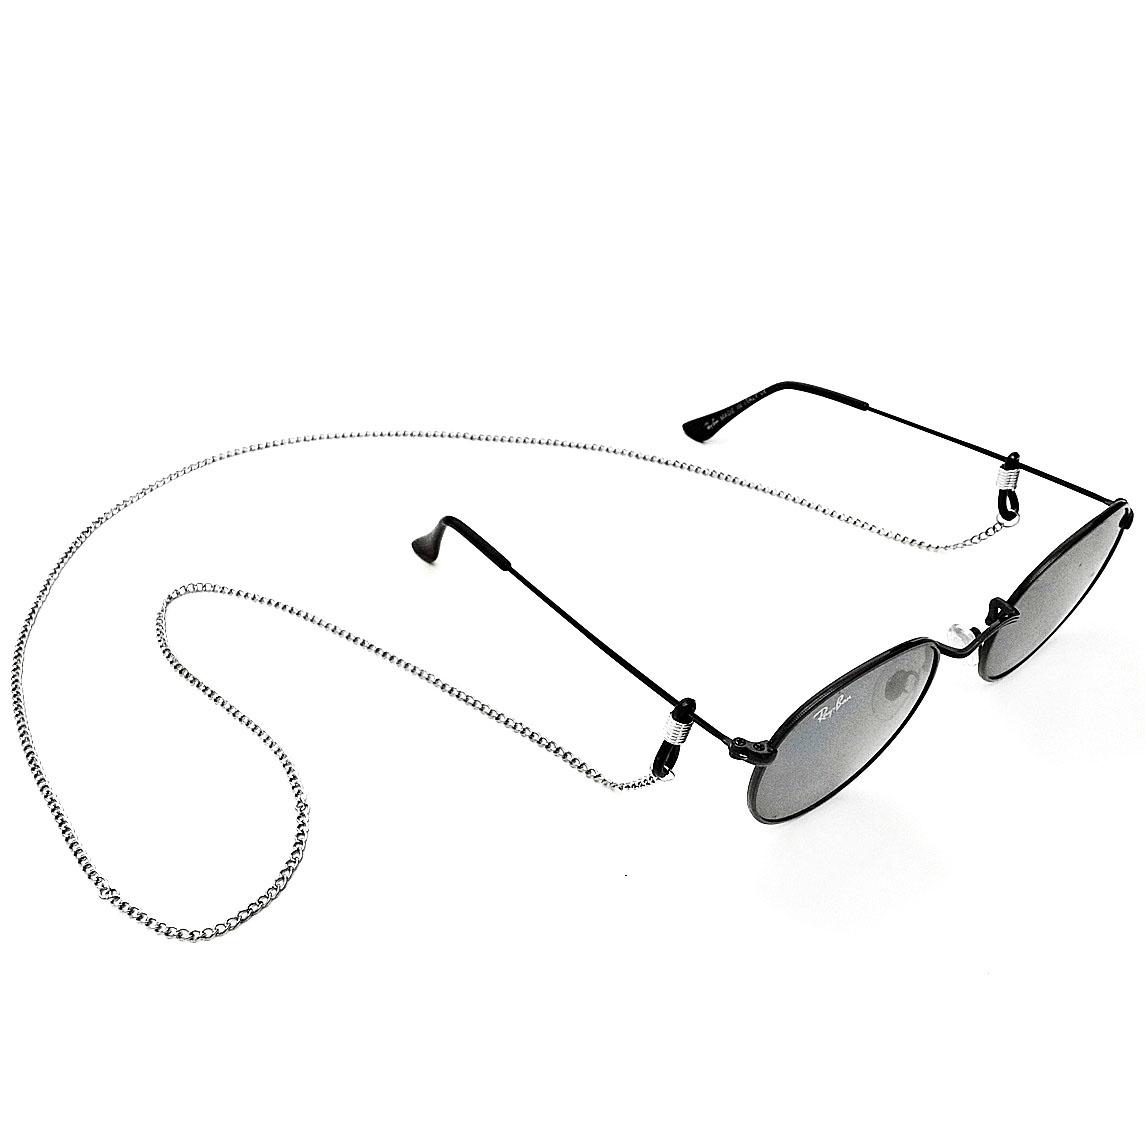 Corrente de óculos Salva Óculos Corrente de metal Prateada 80cm Elo020 Fina